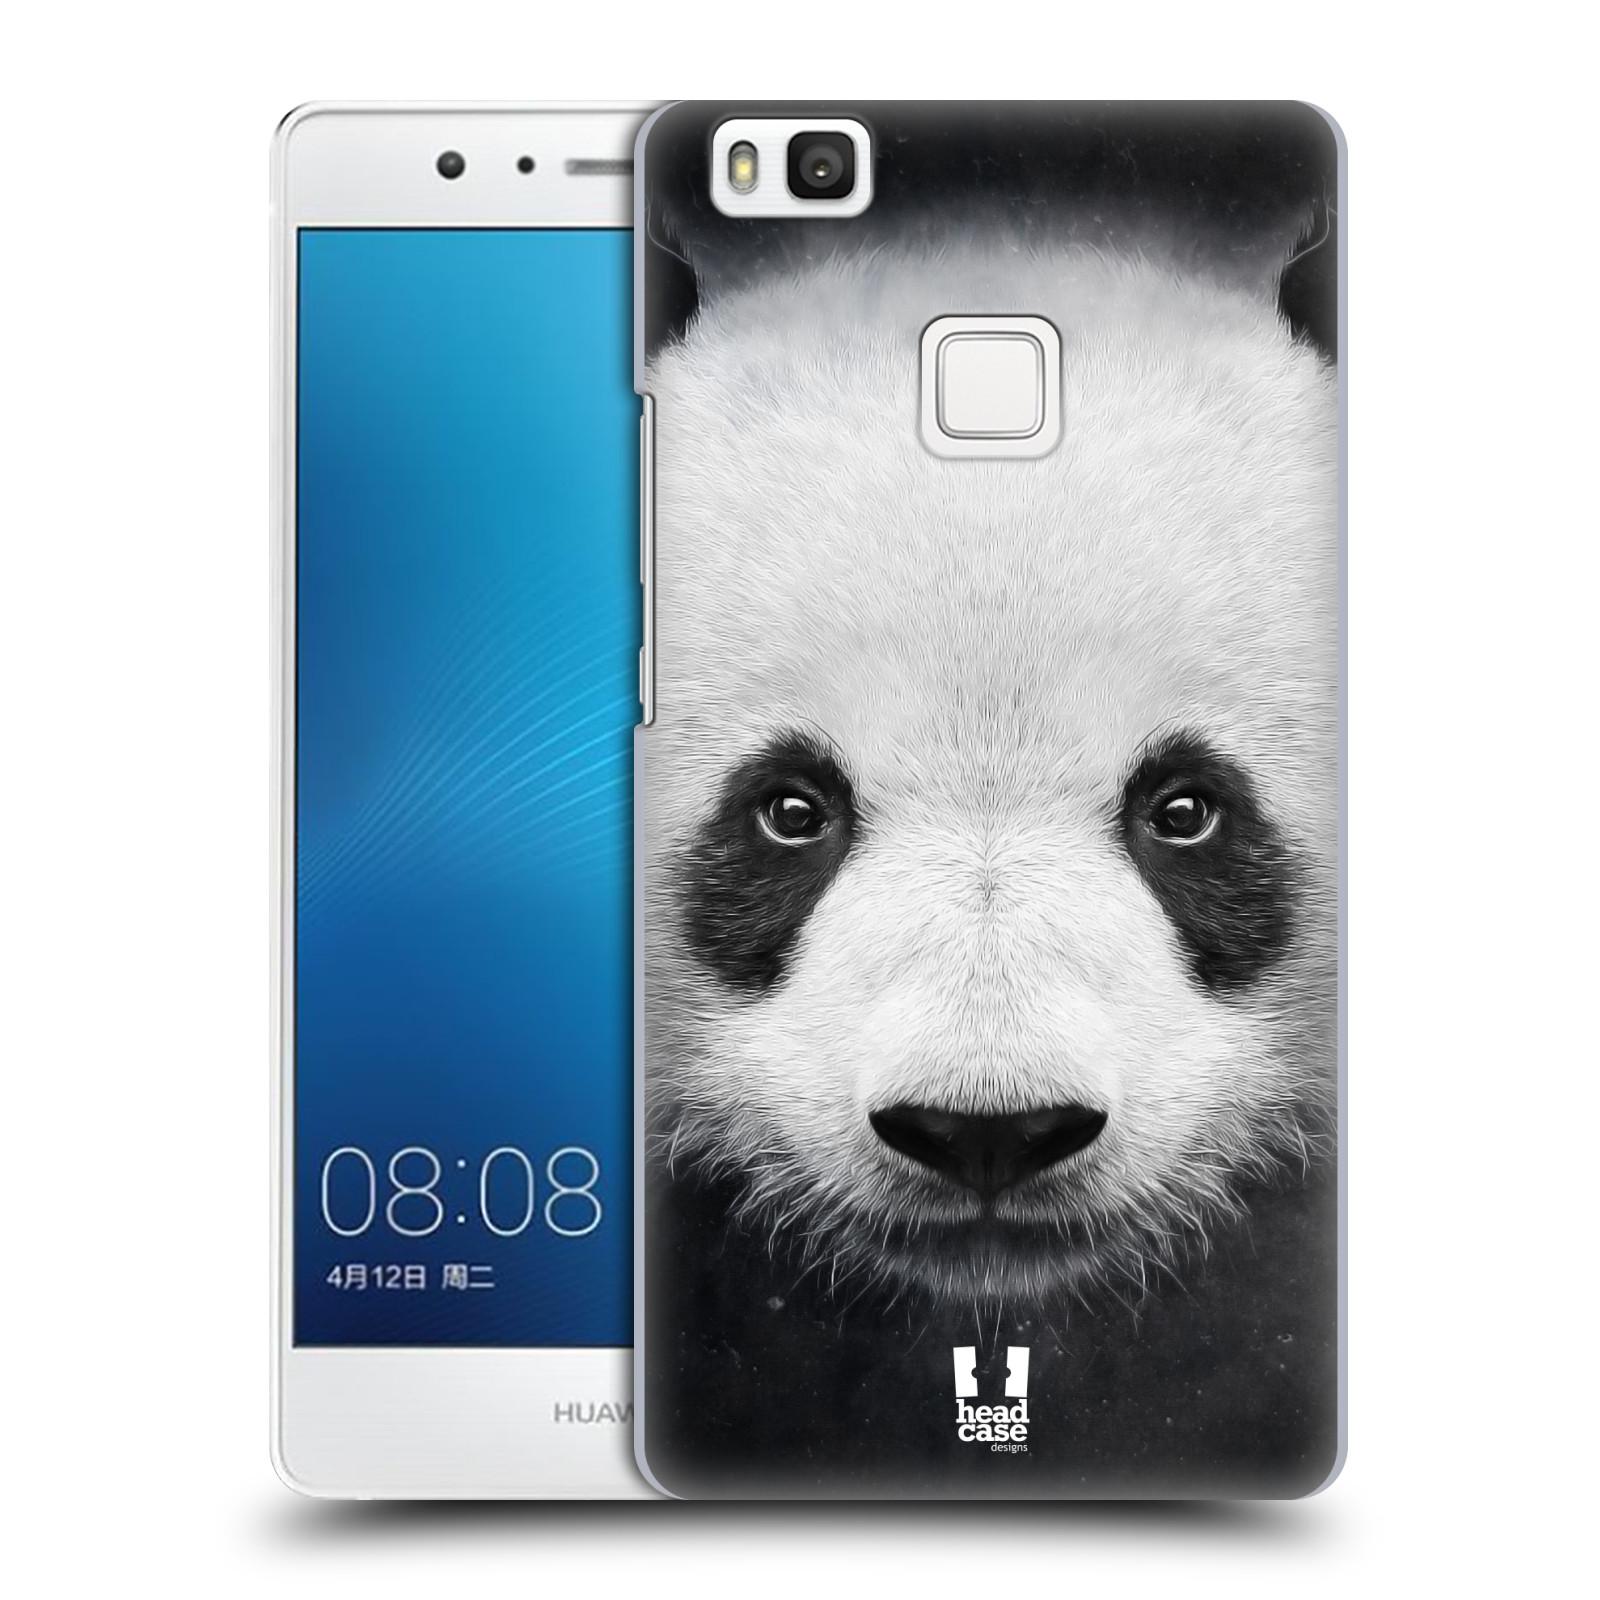 HEAD CASE plastový obal na mobil Huawei P9 LITE / P9 LITE DUAL SIM vzor Zvířecí tváře medvěd panda